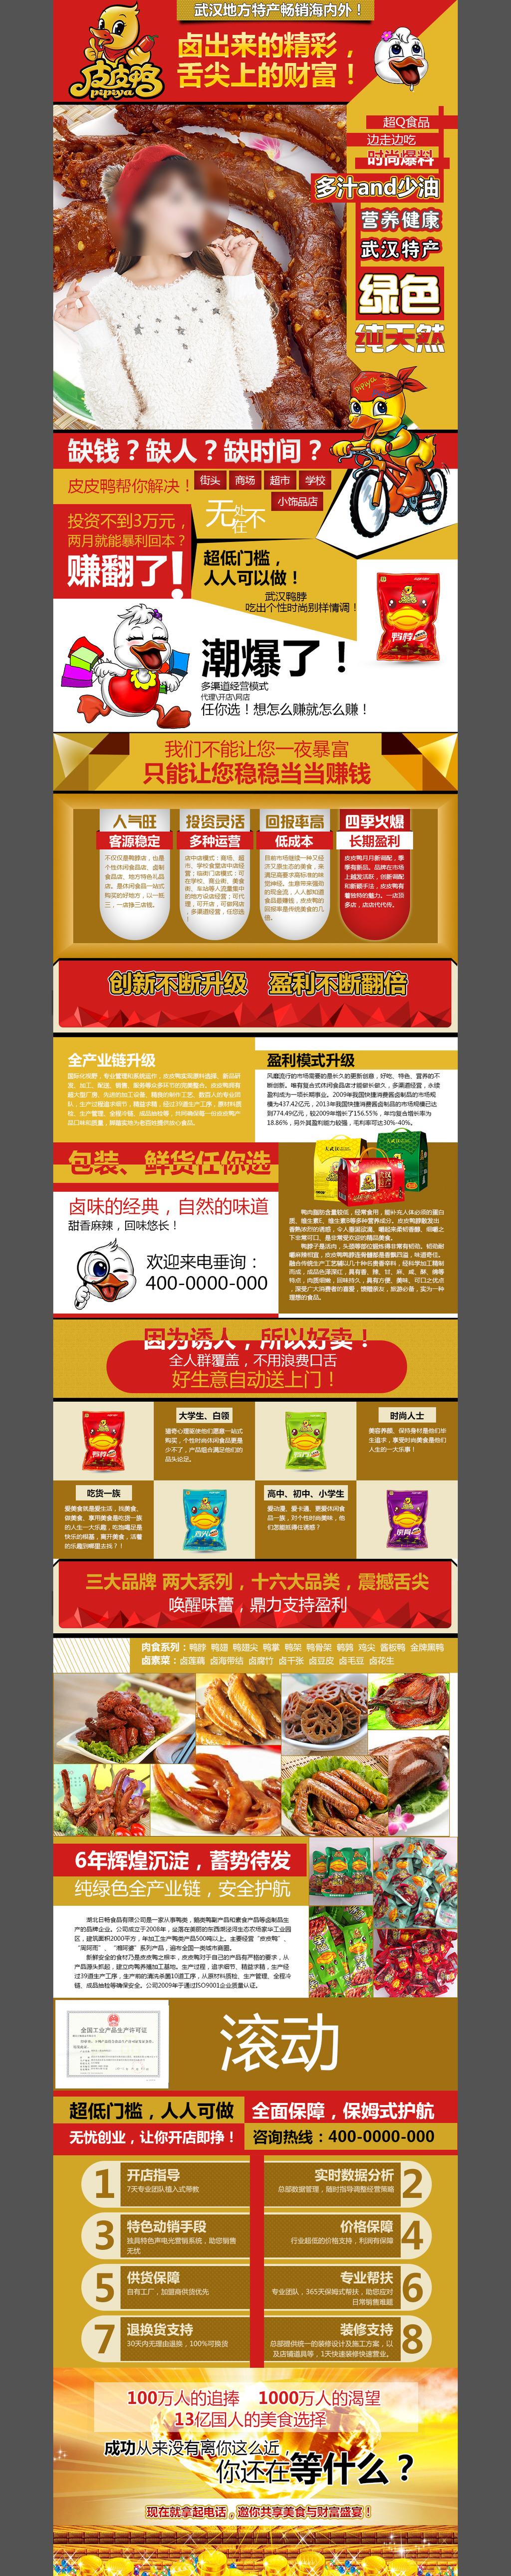 招商广告海报宣传图食品皮皮鸭